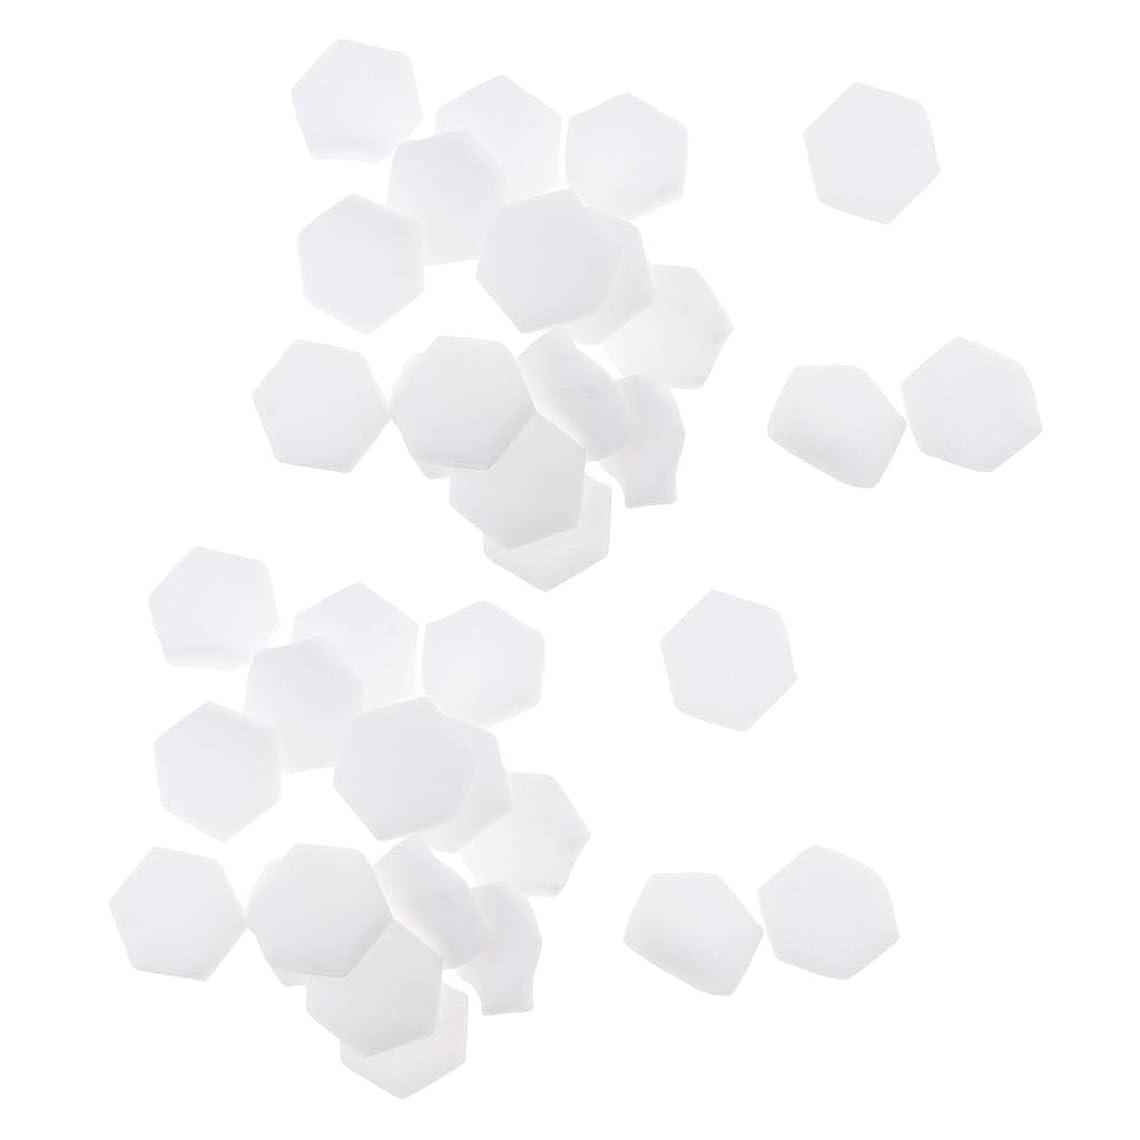 試用解凍する、雪解け、霜解け必要ないT TOOYFUL ネイルアート ネイルアートスポンジ コットンパフ スタンピング グラデーション160個入り